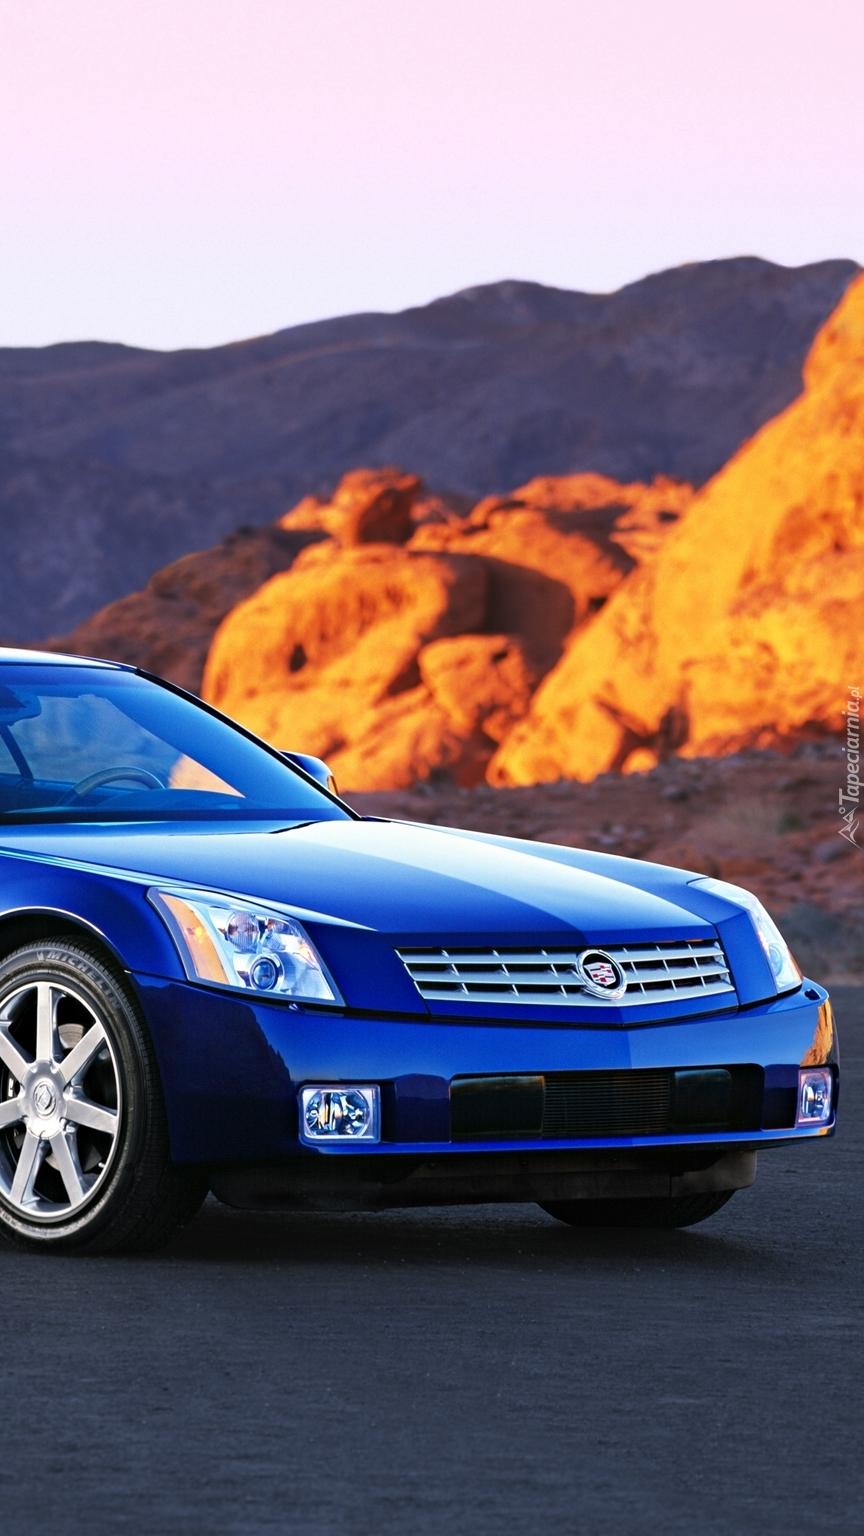 Przód niebieskiego Cadillaca XLR